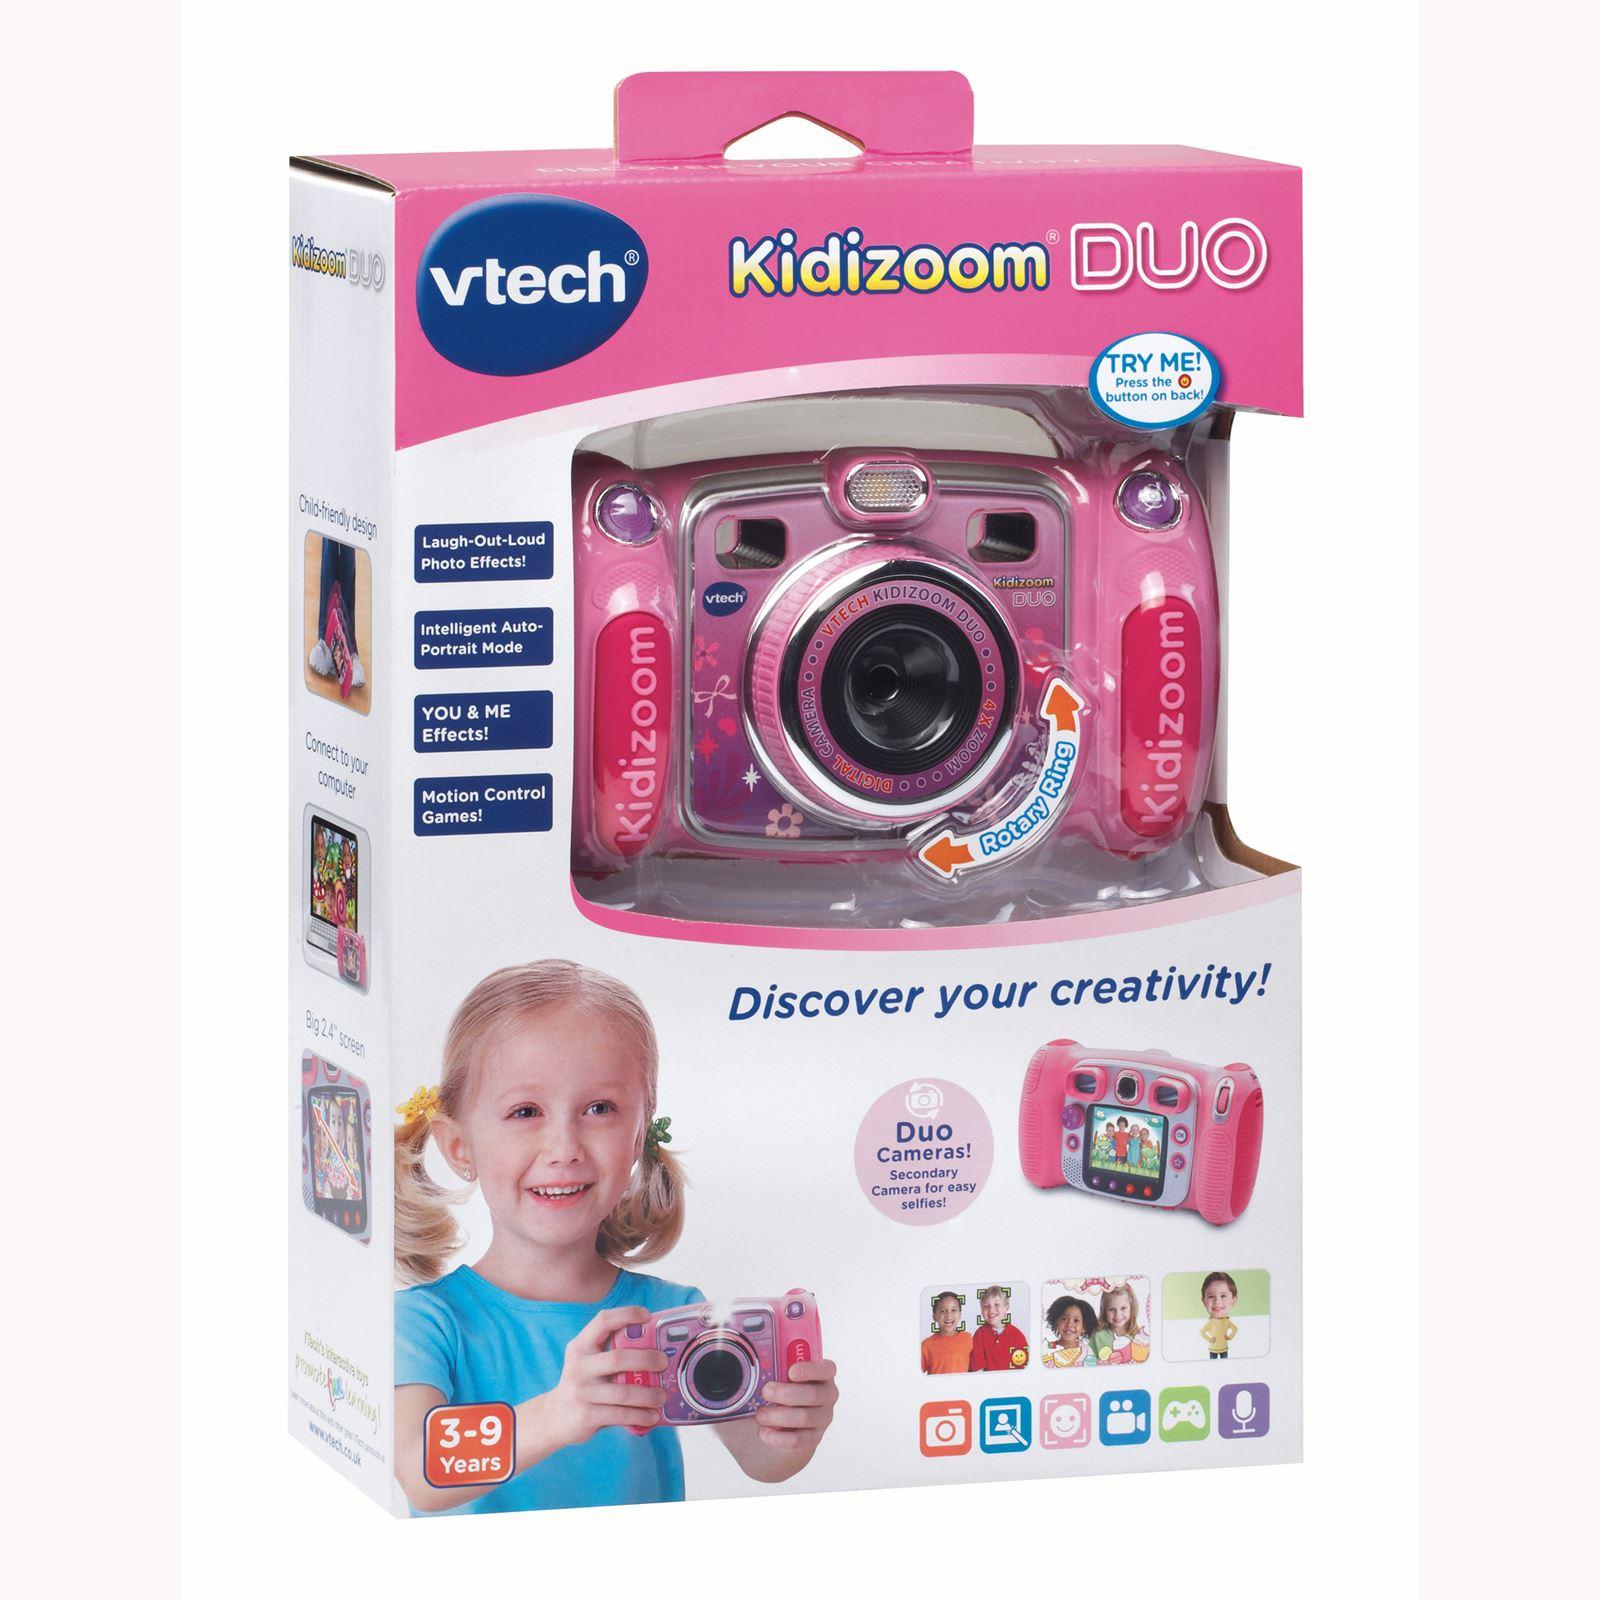 vtech kidizoom duo digital camera pink new kids ebay. Black Bedroom Furniture Sets. Home Design Ideas